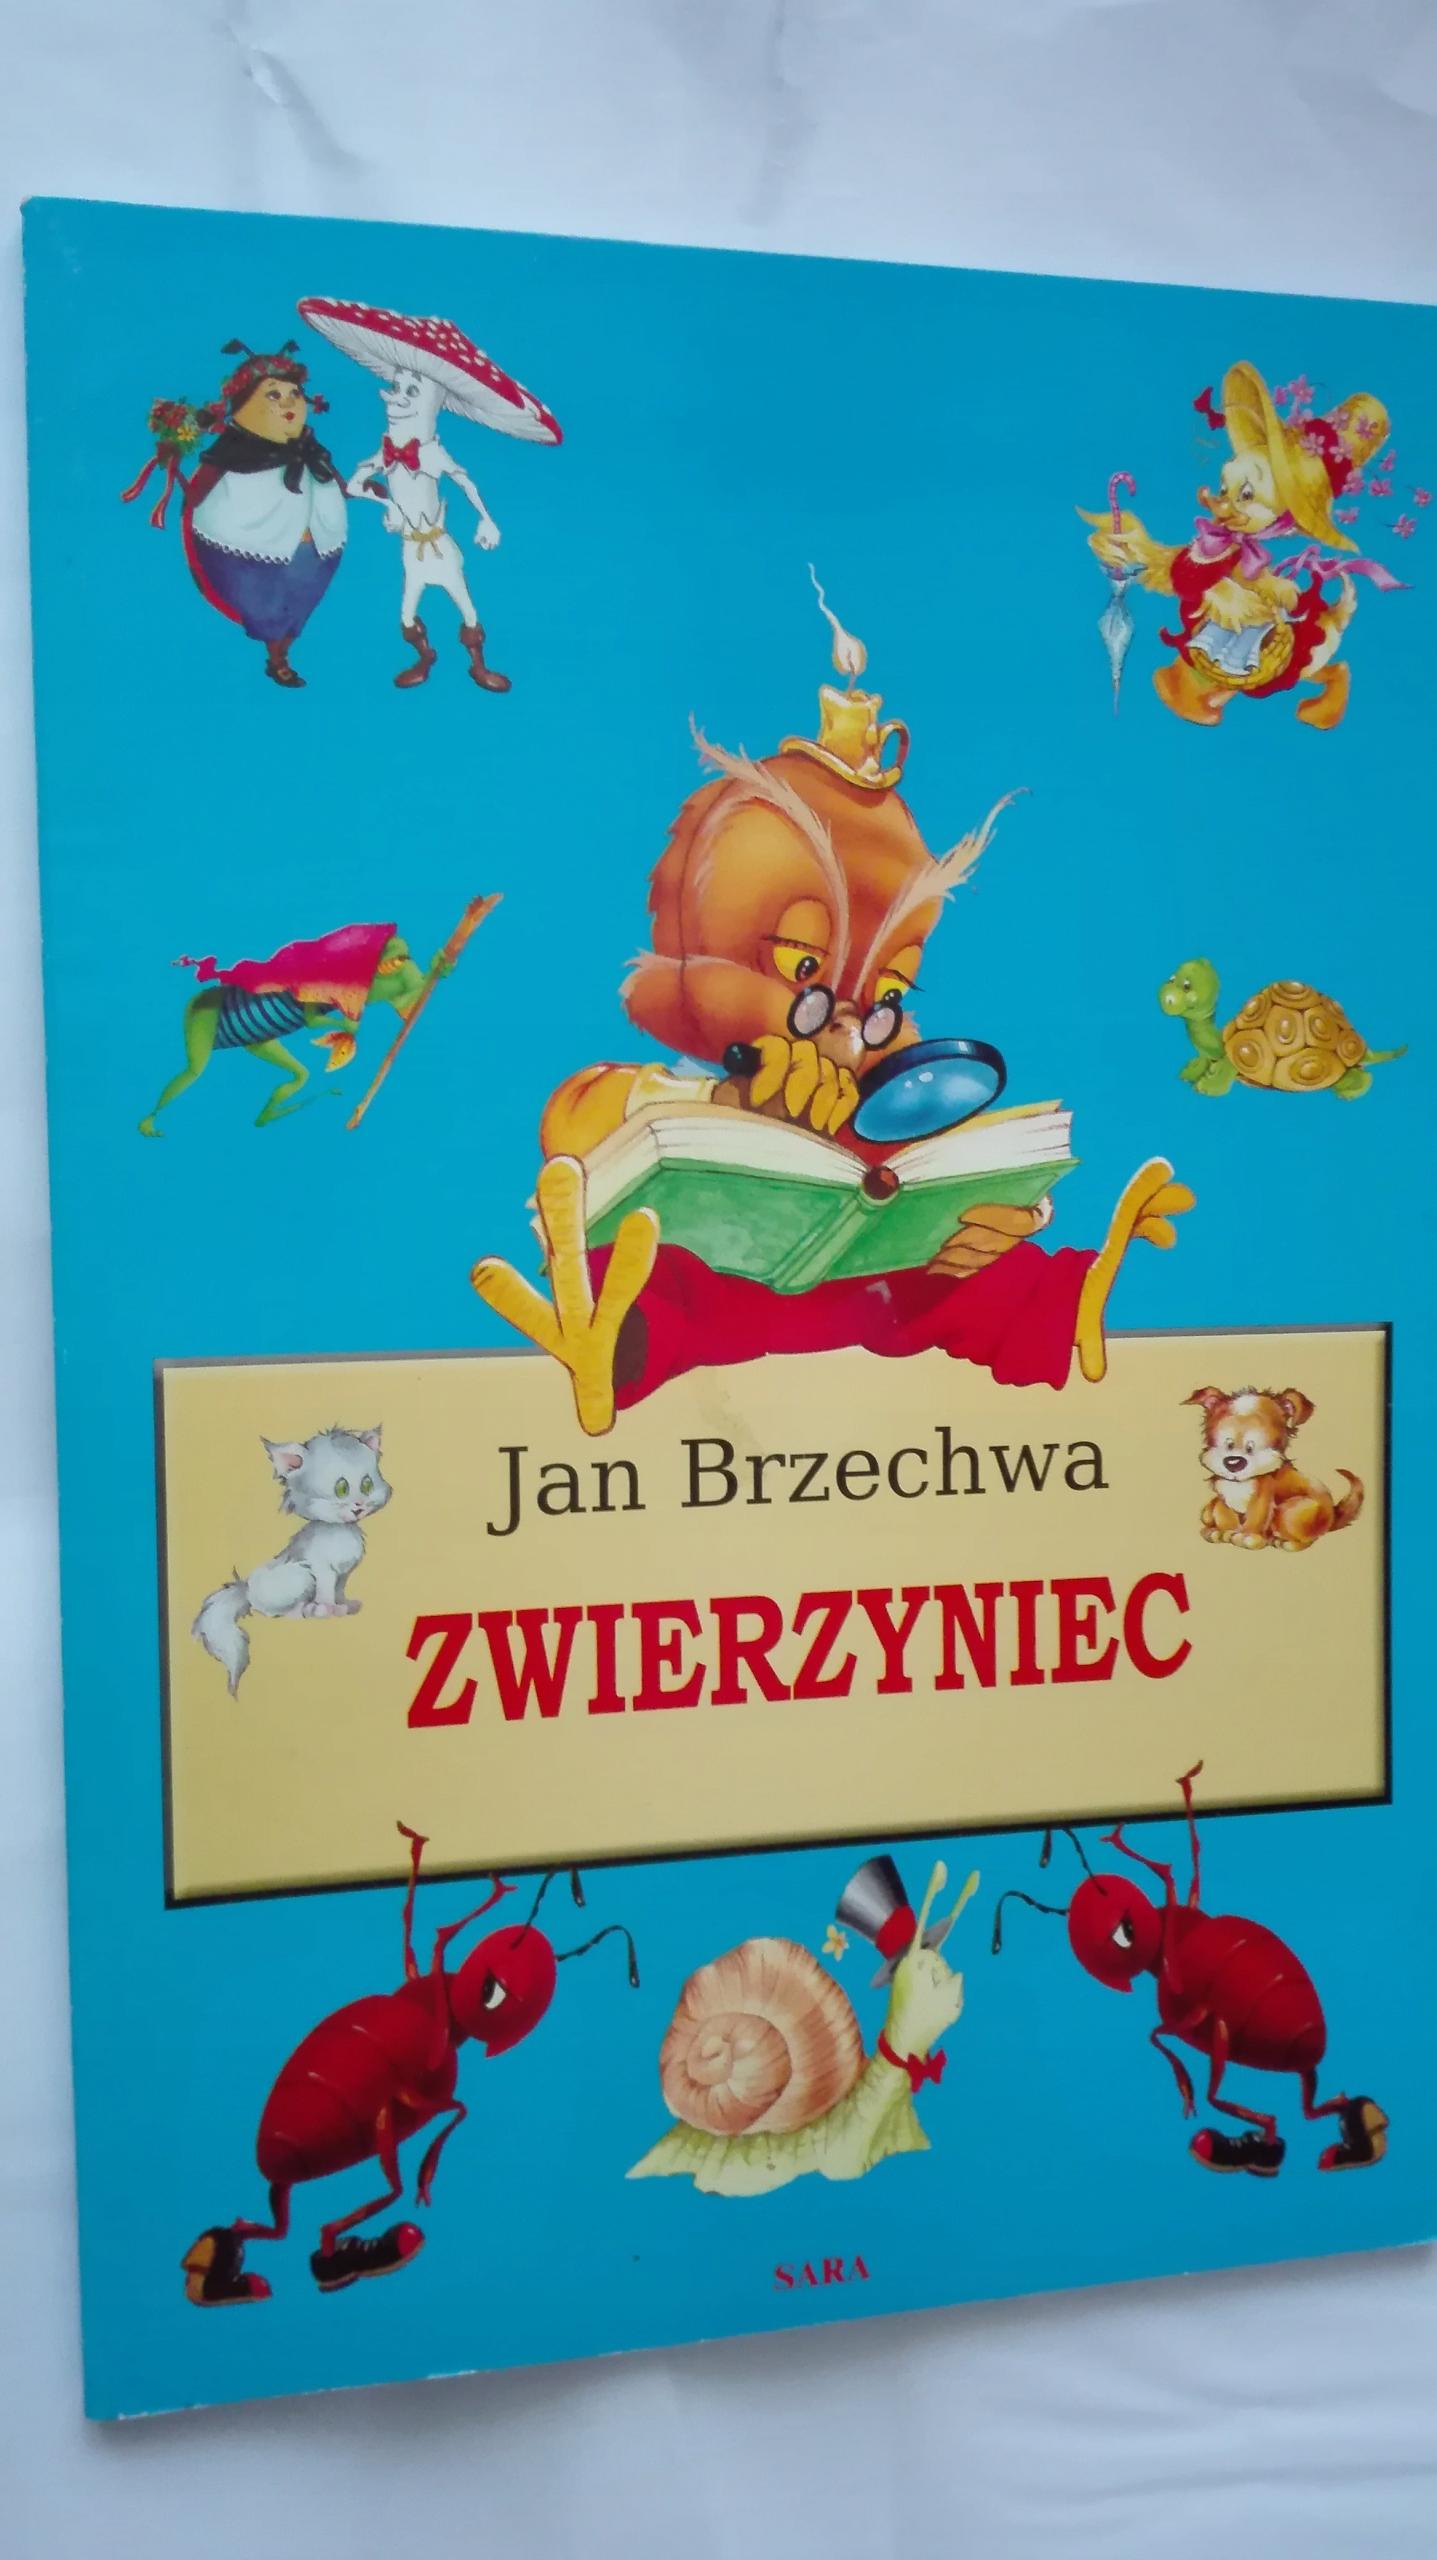 Zwierzyniec Jan Brzechwa Wydawnictwo Sara Wiersze